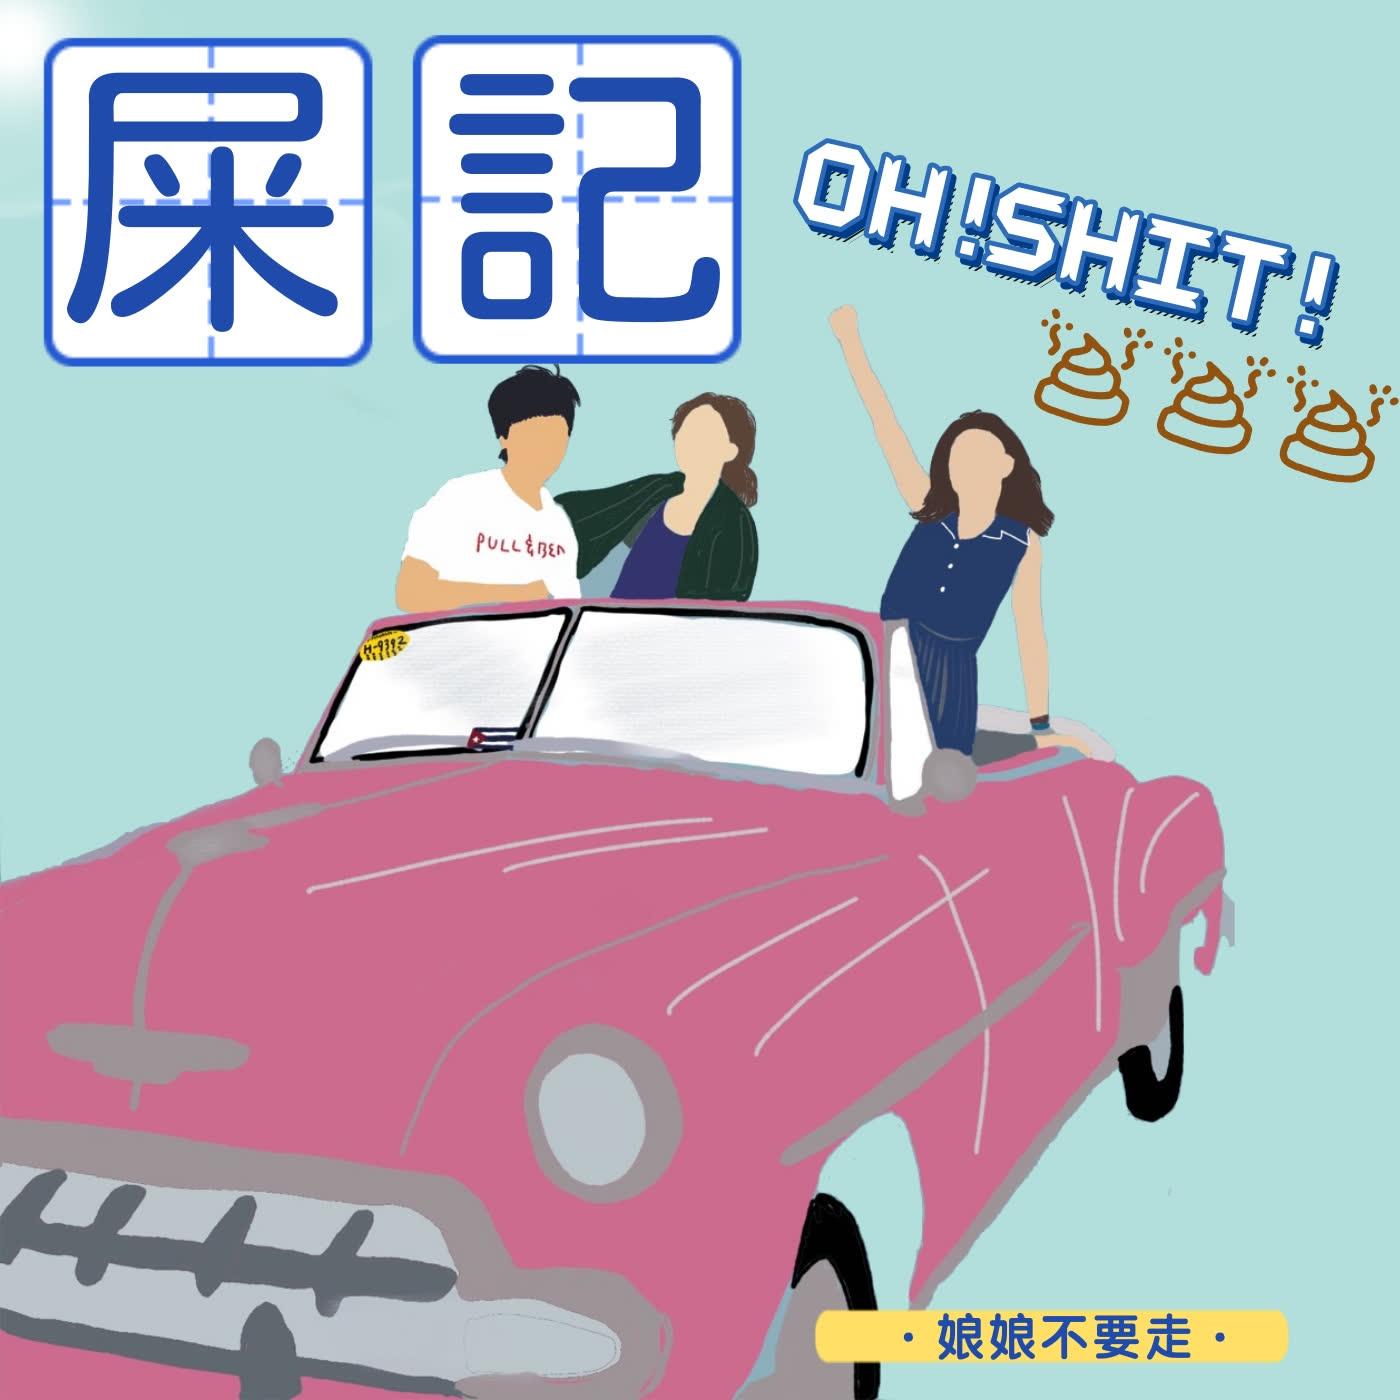 【老破小同居日記】Ep2 住在上海這麼久永遠都不能習慣的事!海漂生活甘苦談